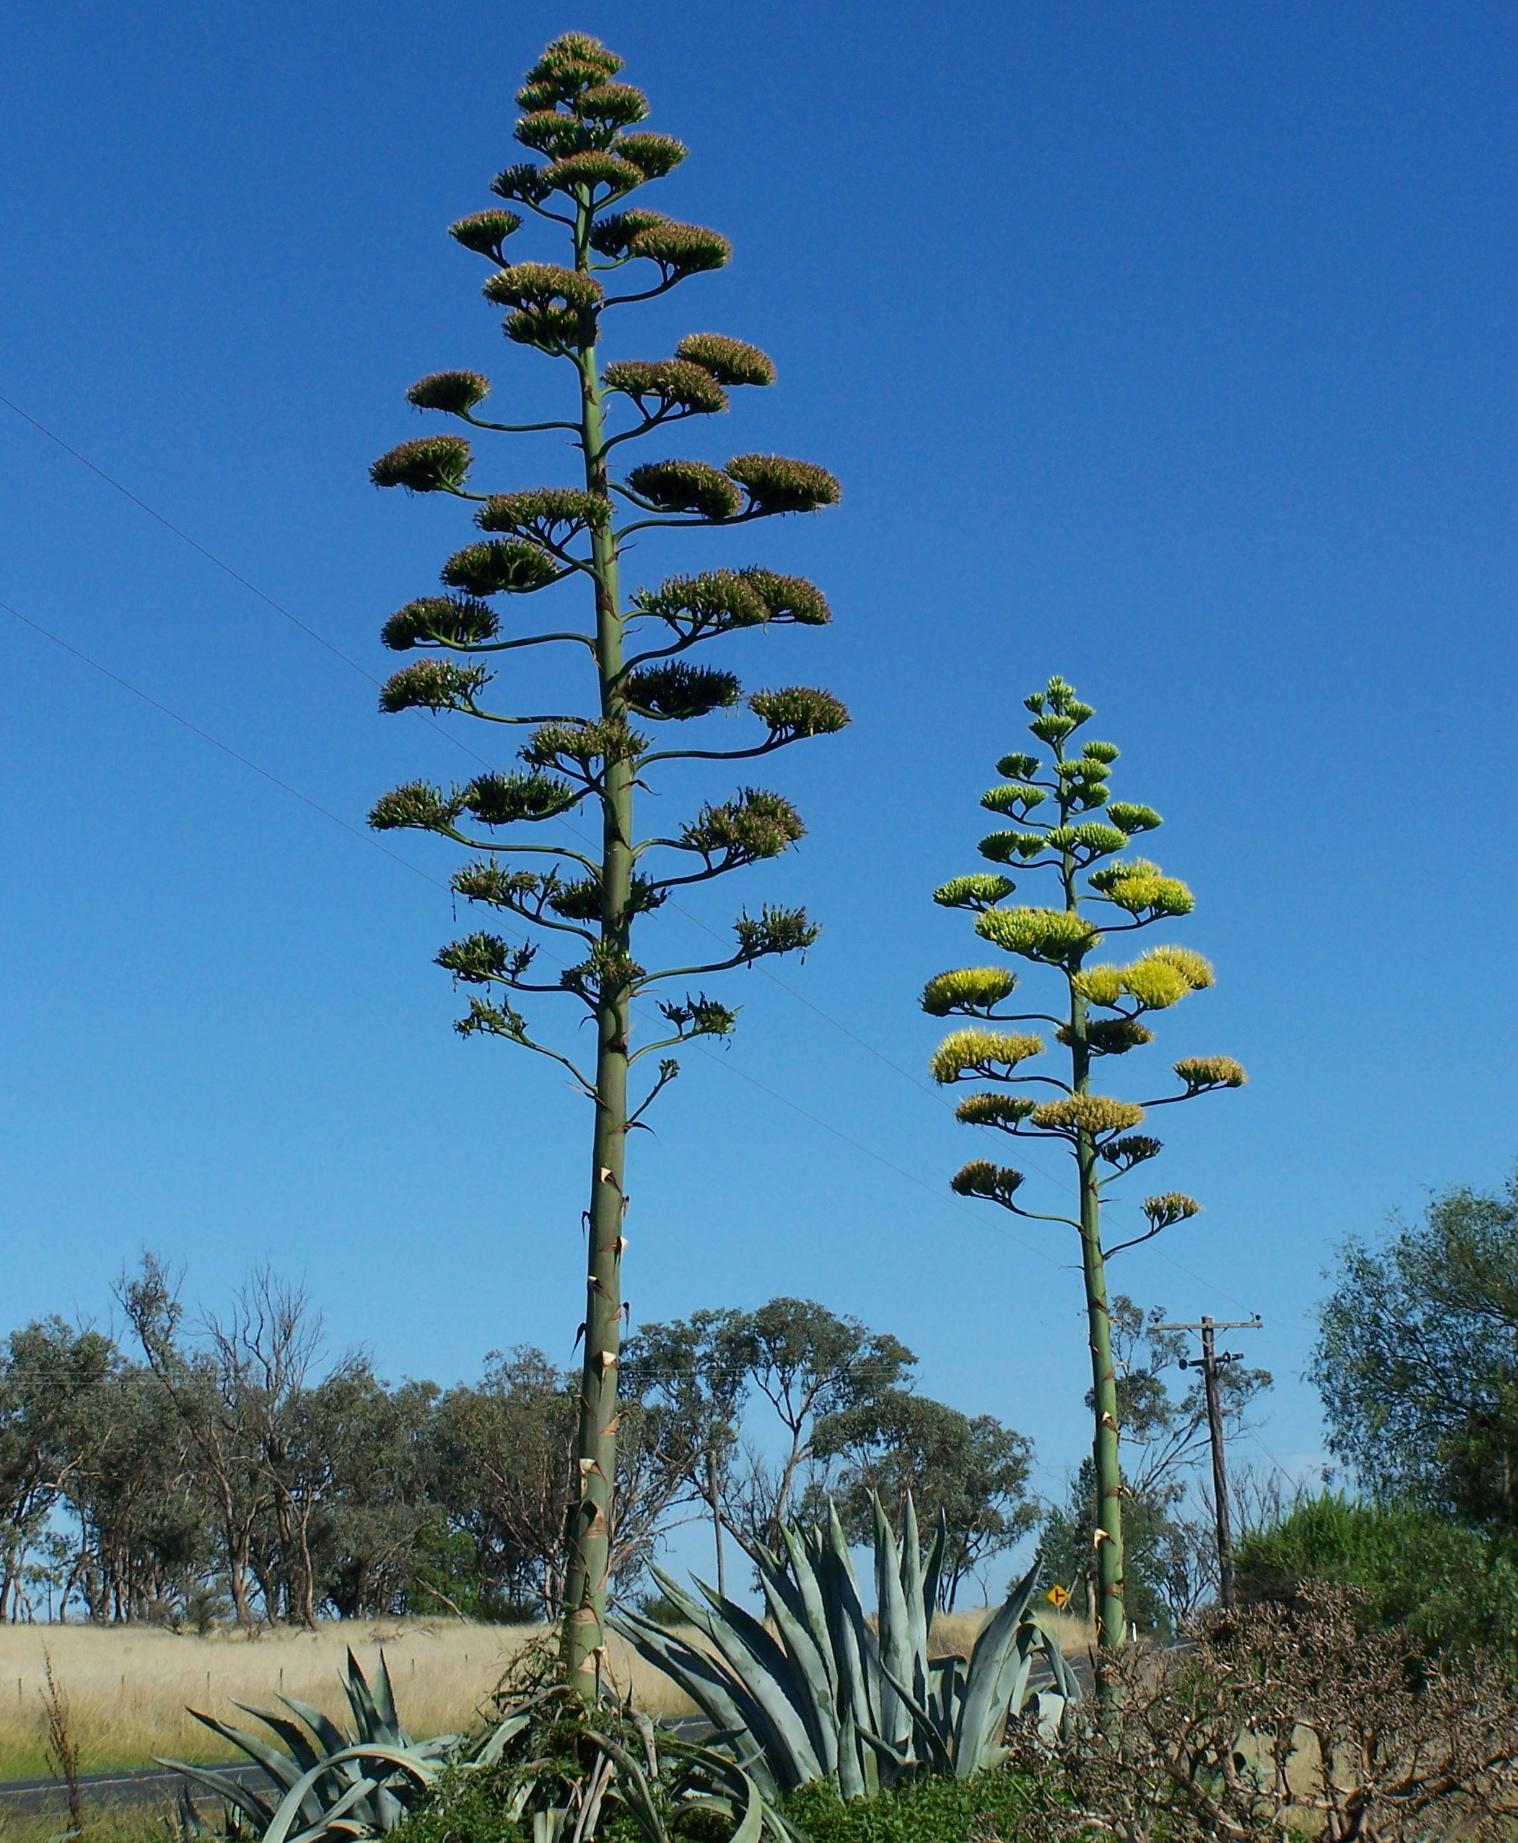 Agave americana – El más alto de los huéspedes mejicanos